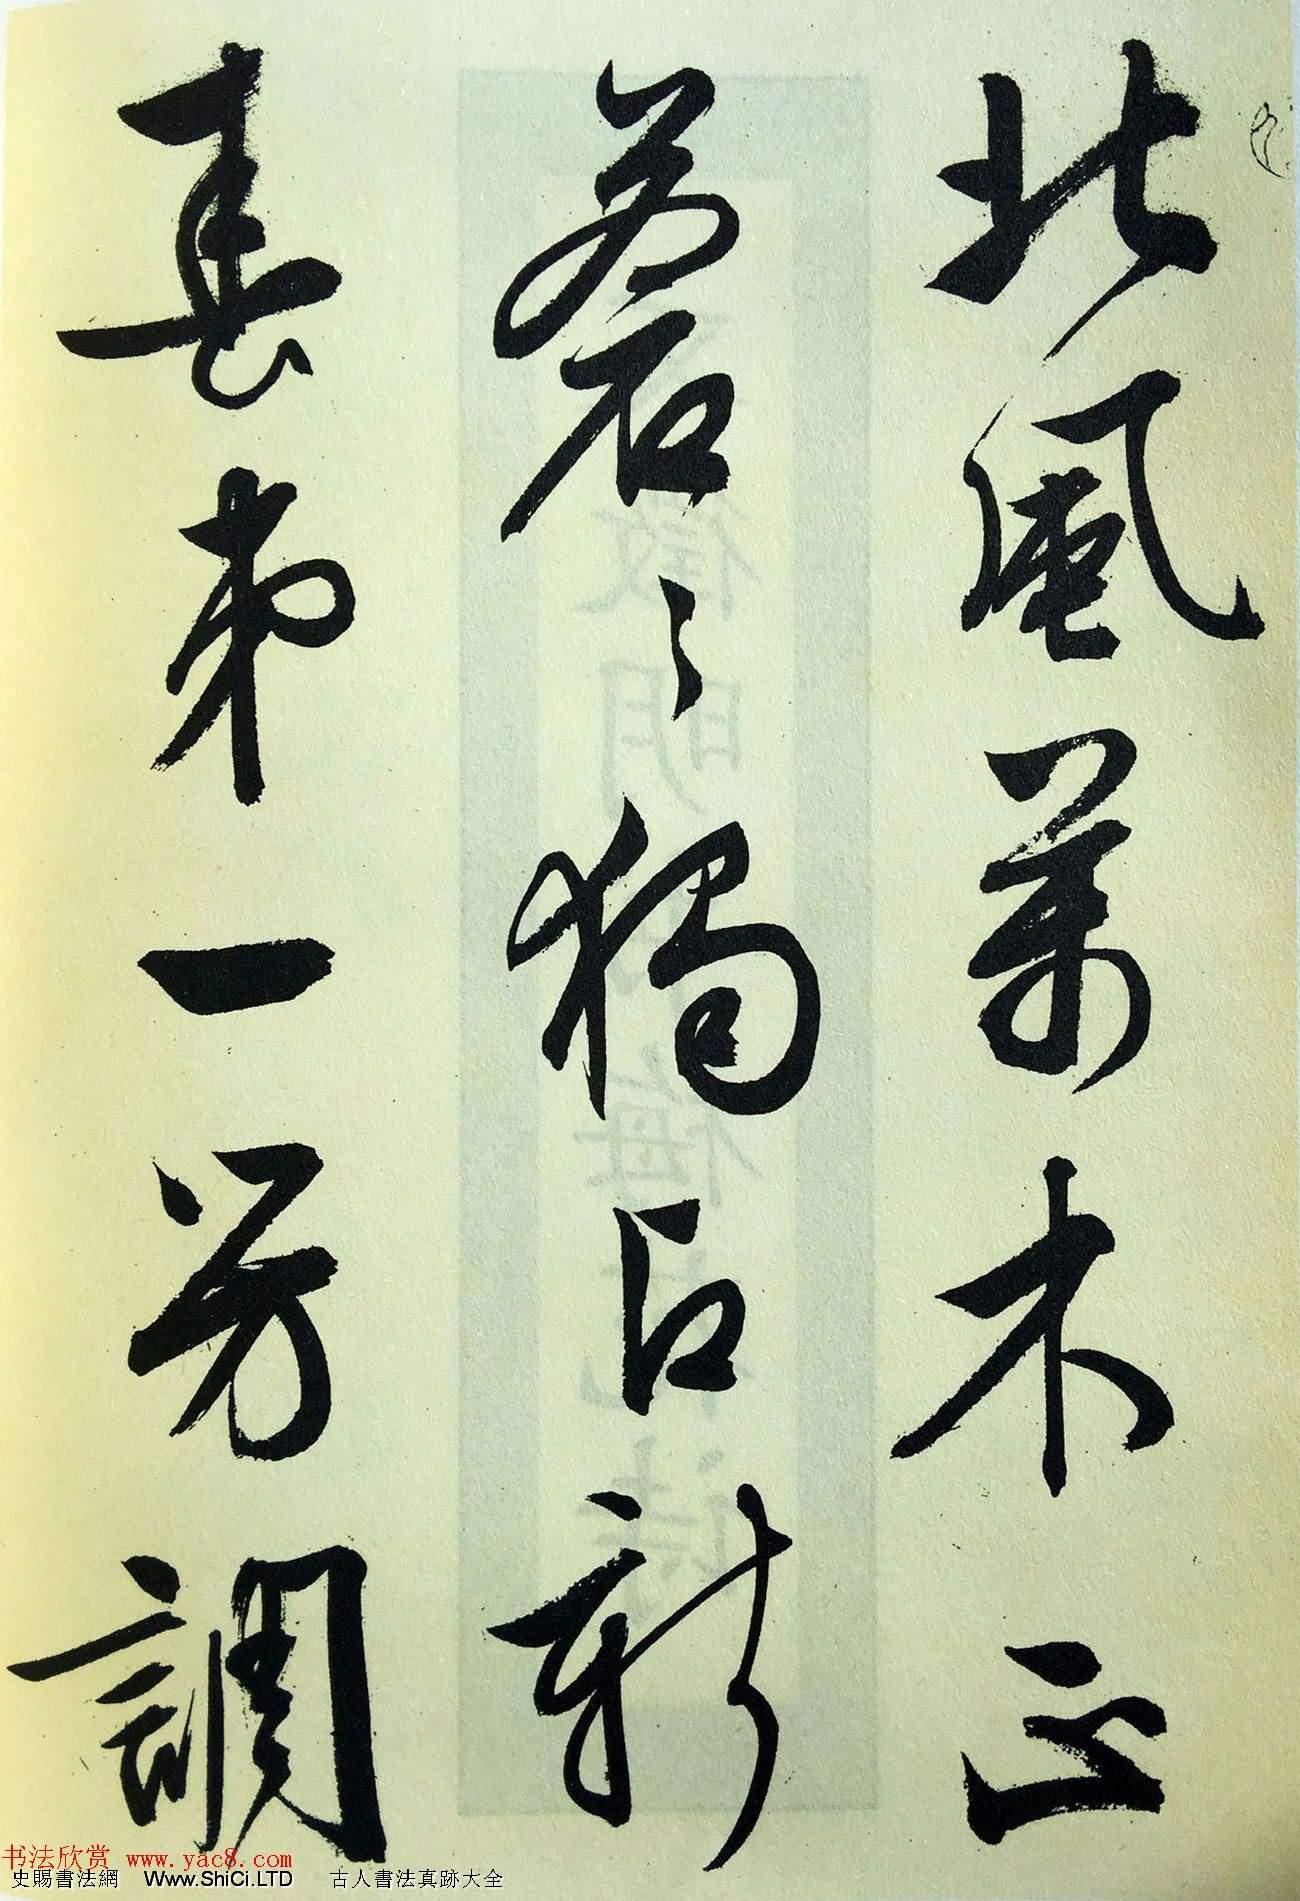 文征明83歲大字行書《梅花詩》高清大圖(共14張圖片)